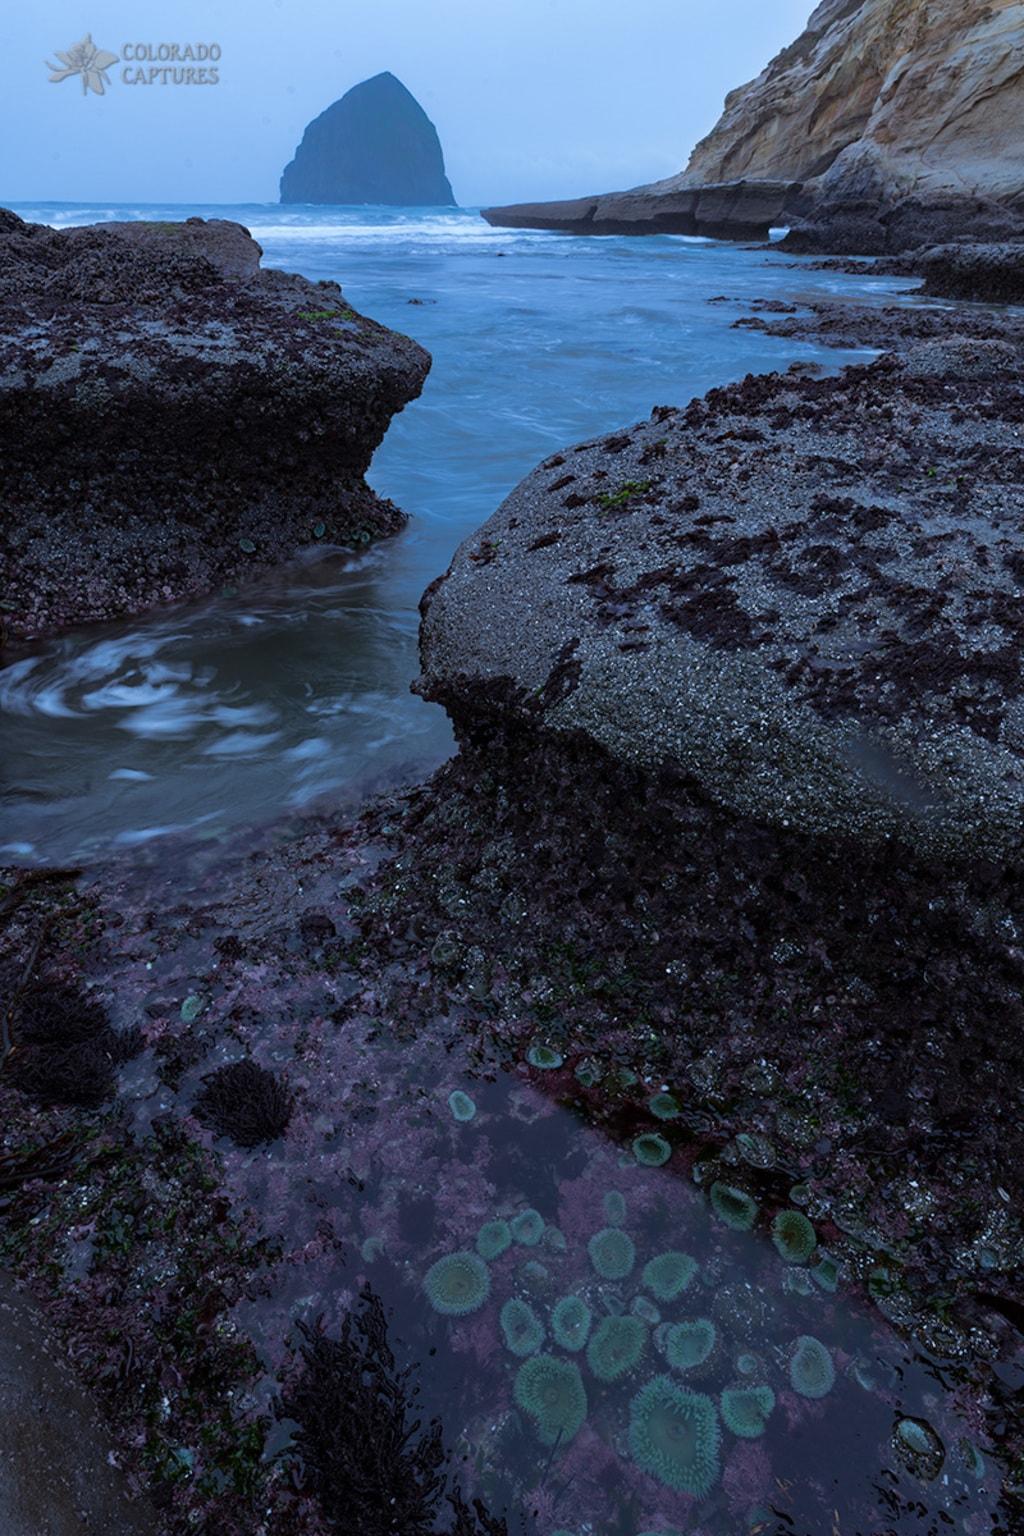 Tide Pool Flow via Mike Berenson